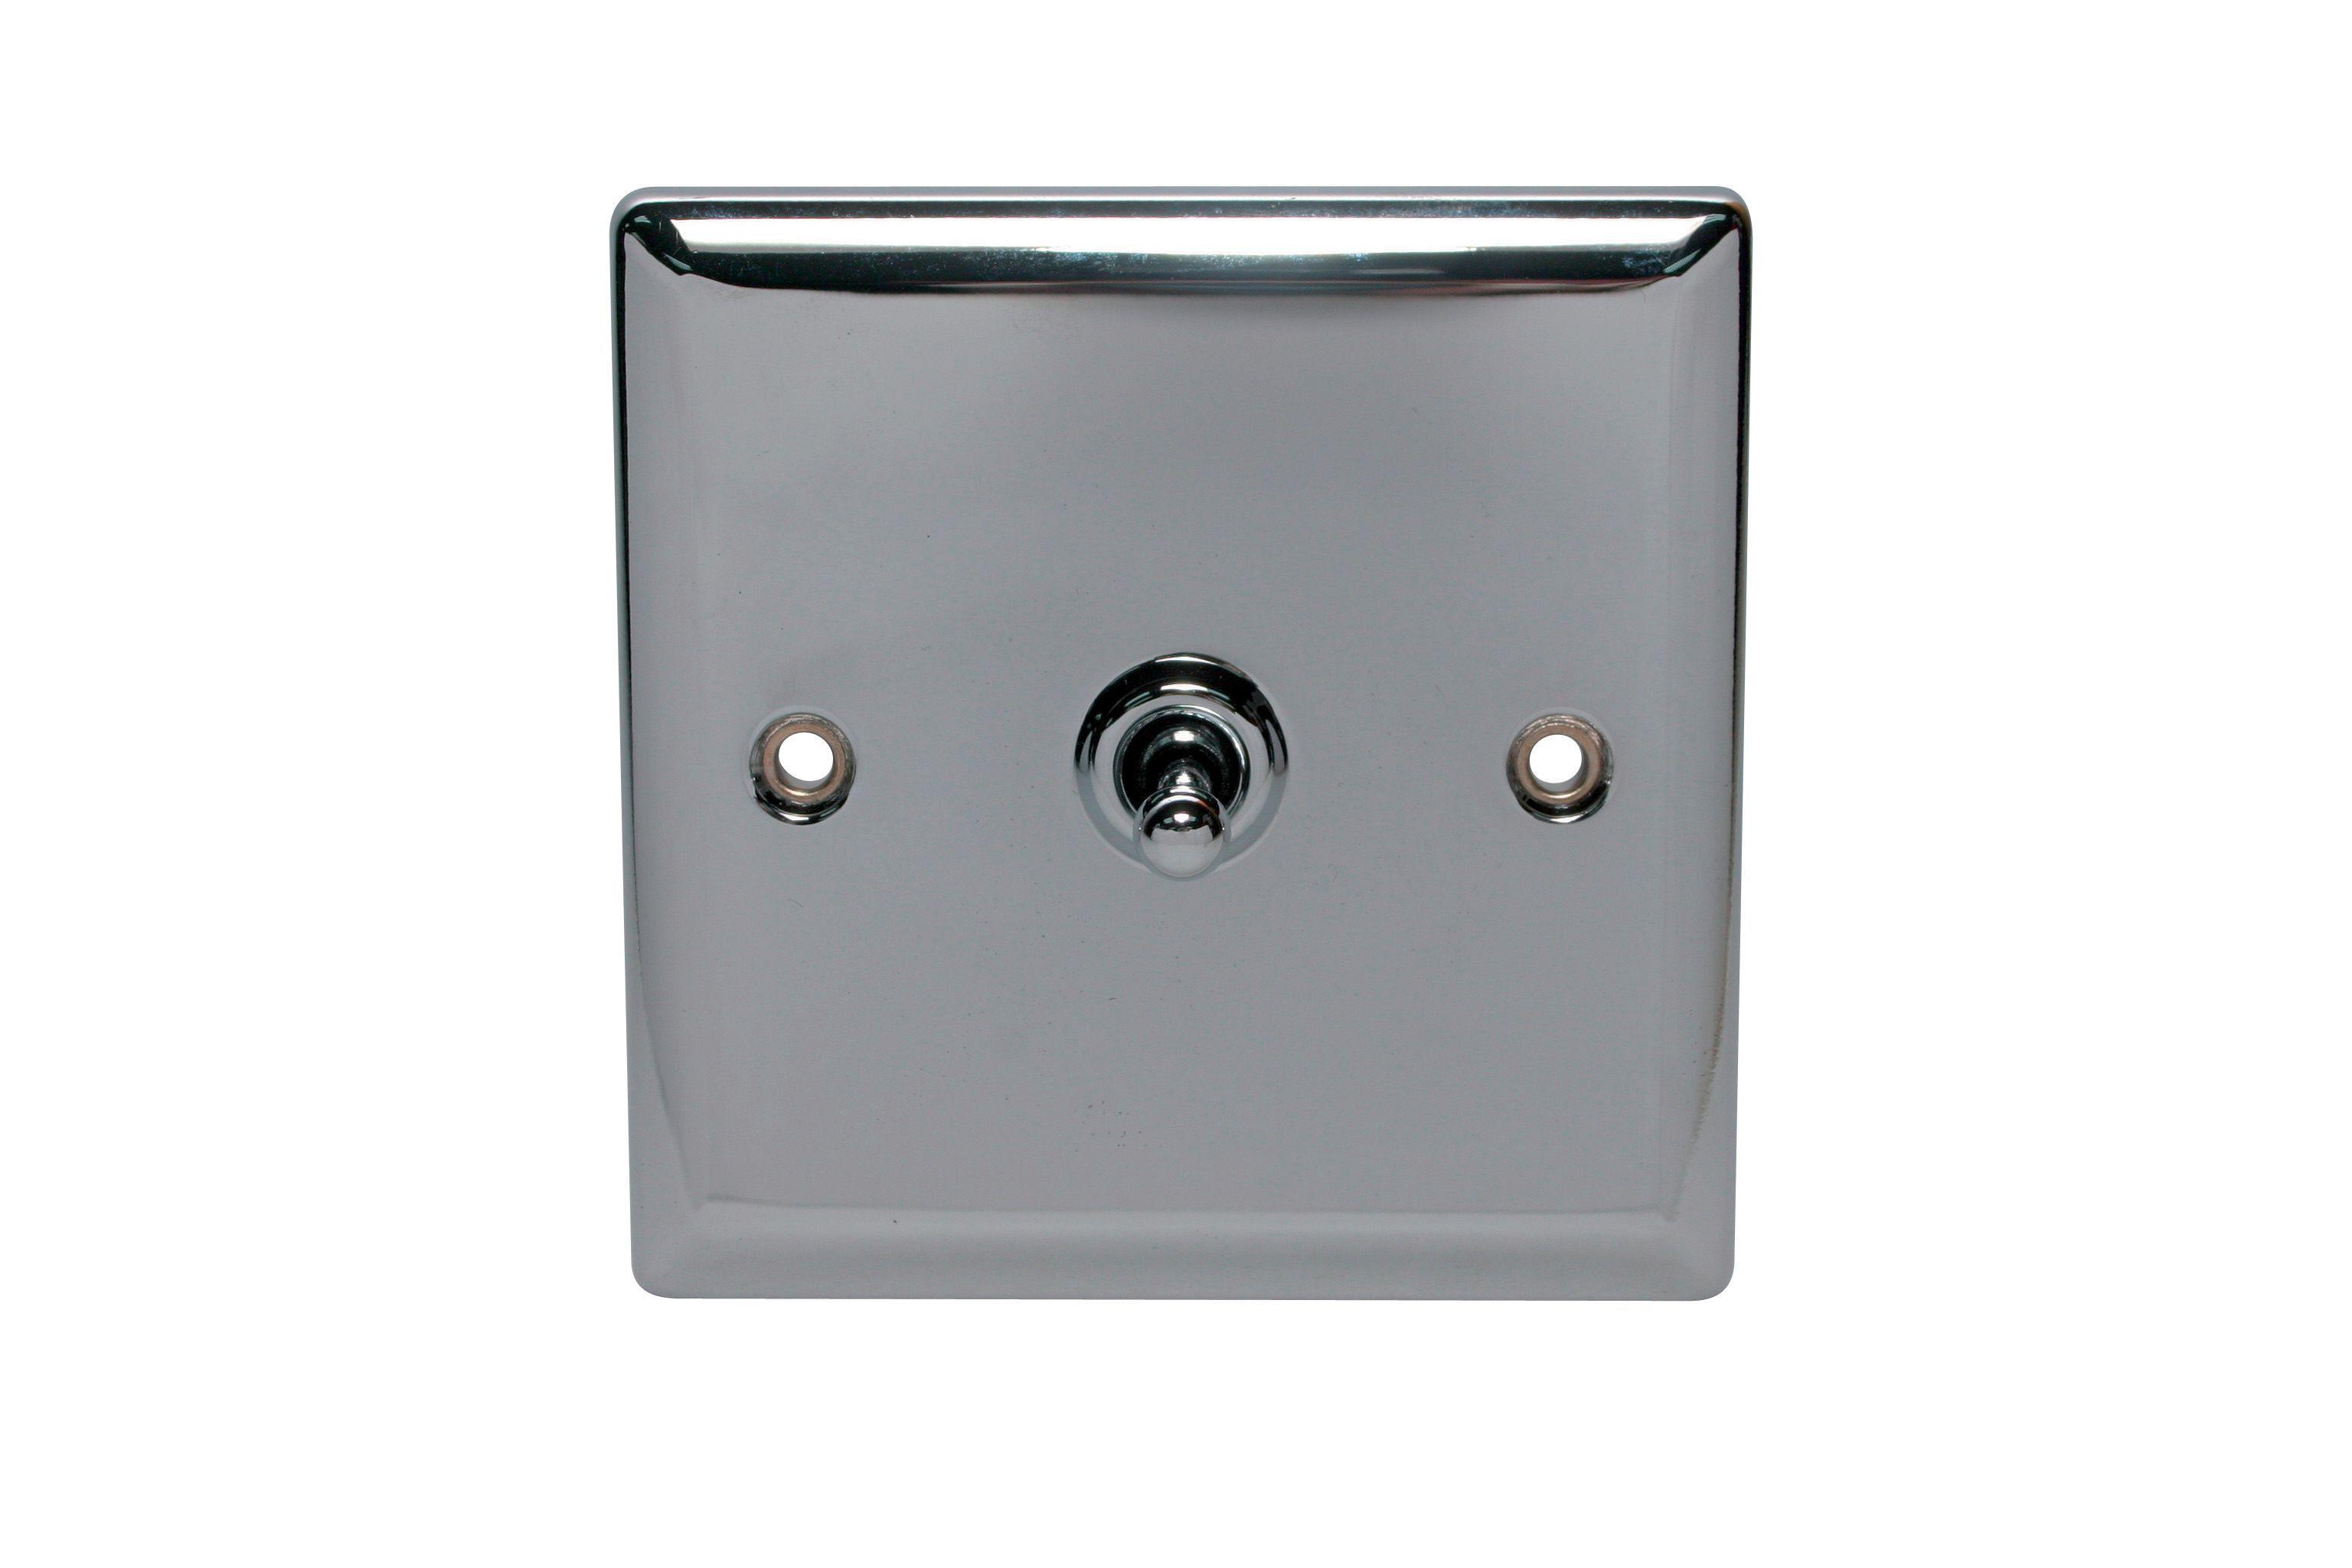 Holder 10a 2-way Single Polished Chrome Toggle Switch